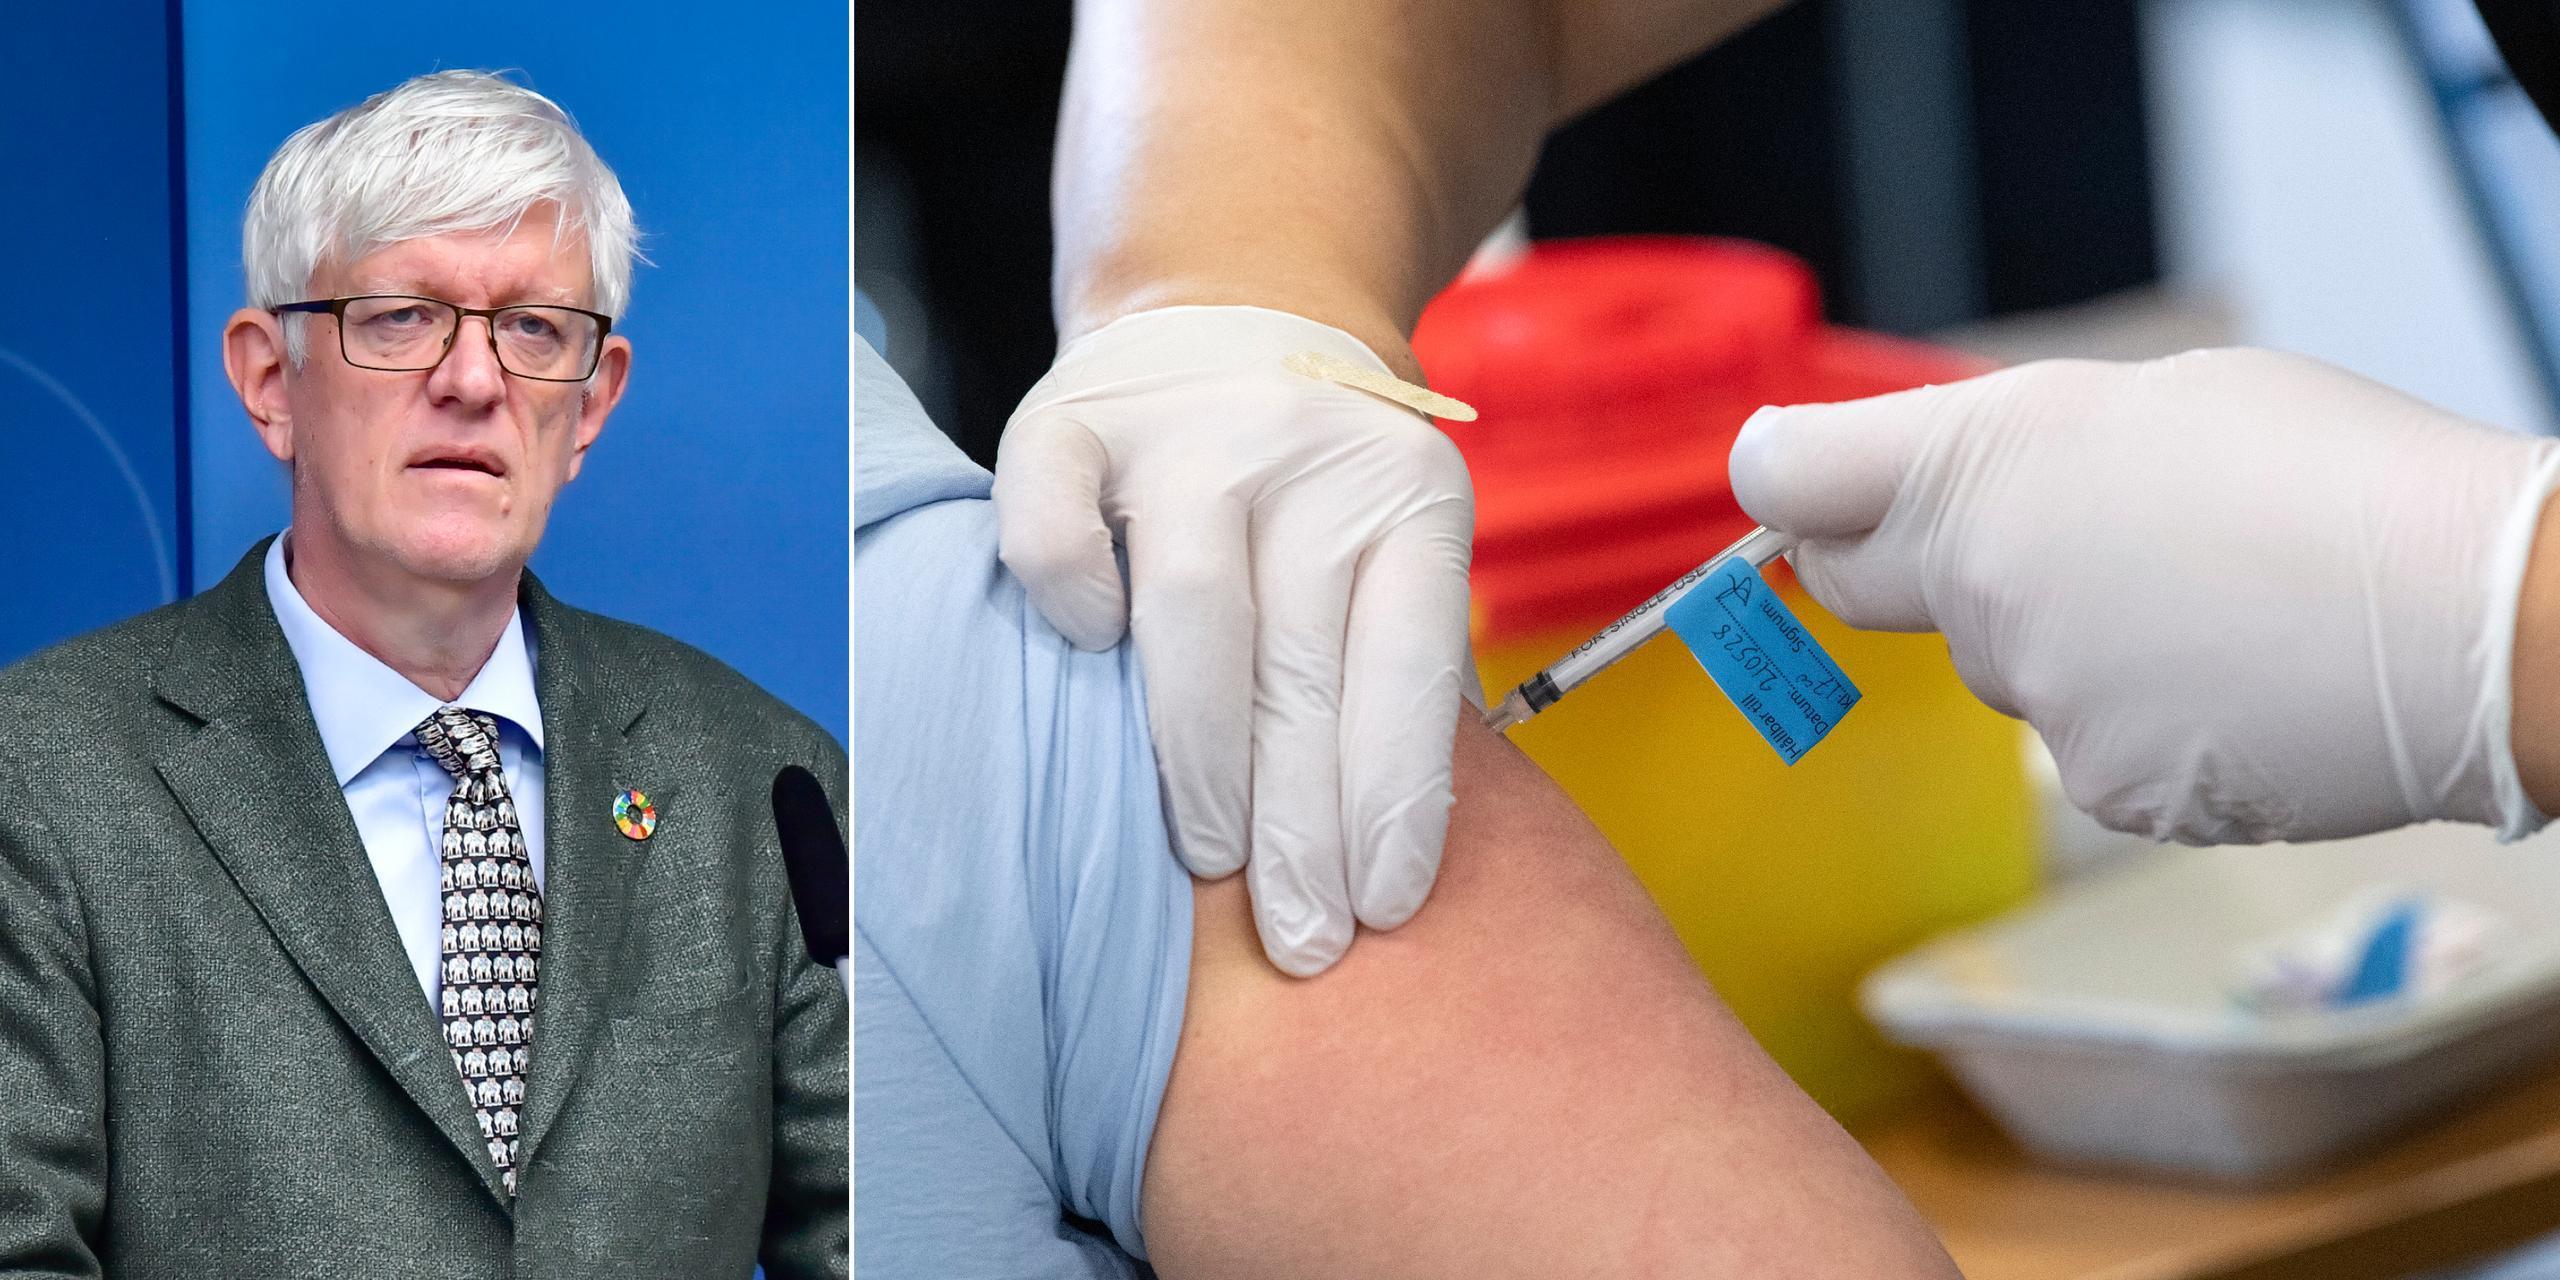 Sverige lånar ut vaccindoser till Cypern och Island